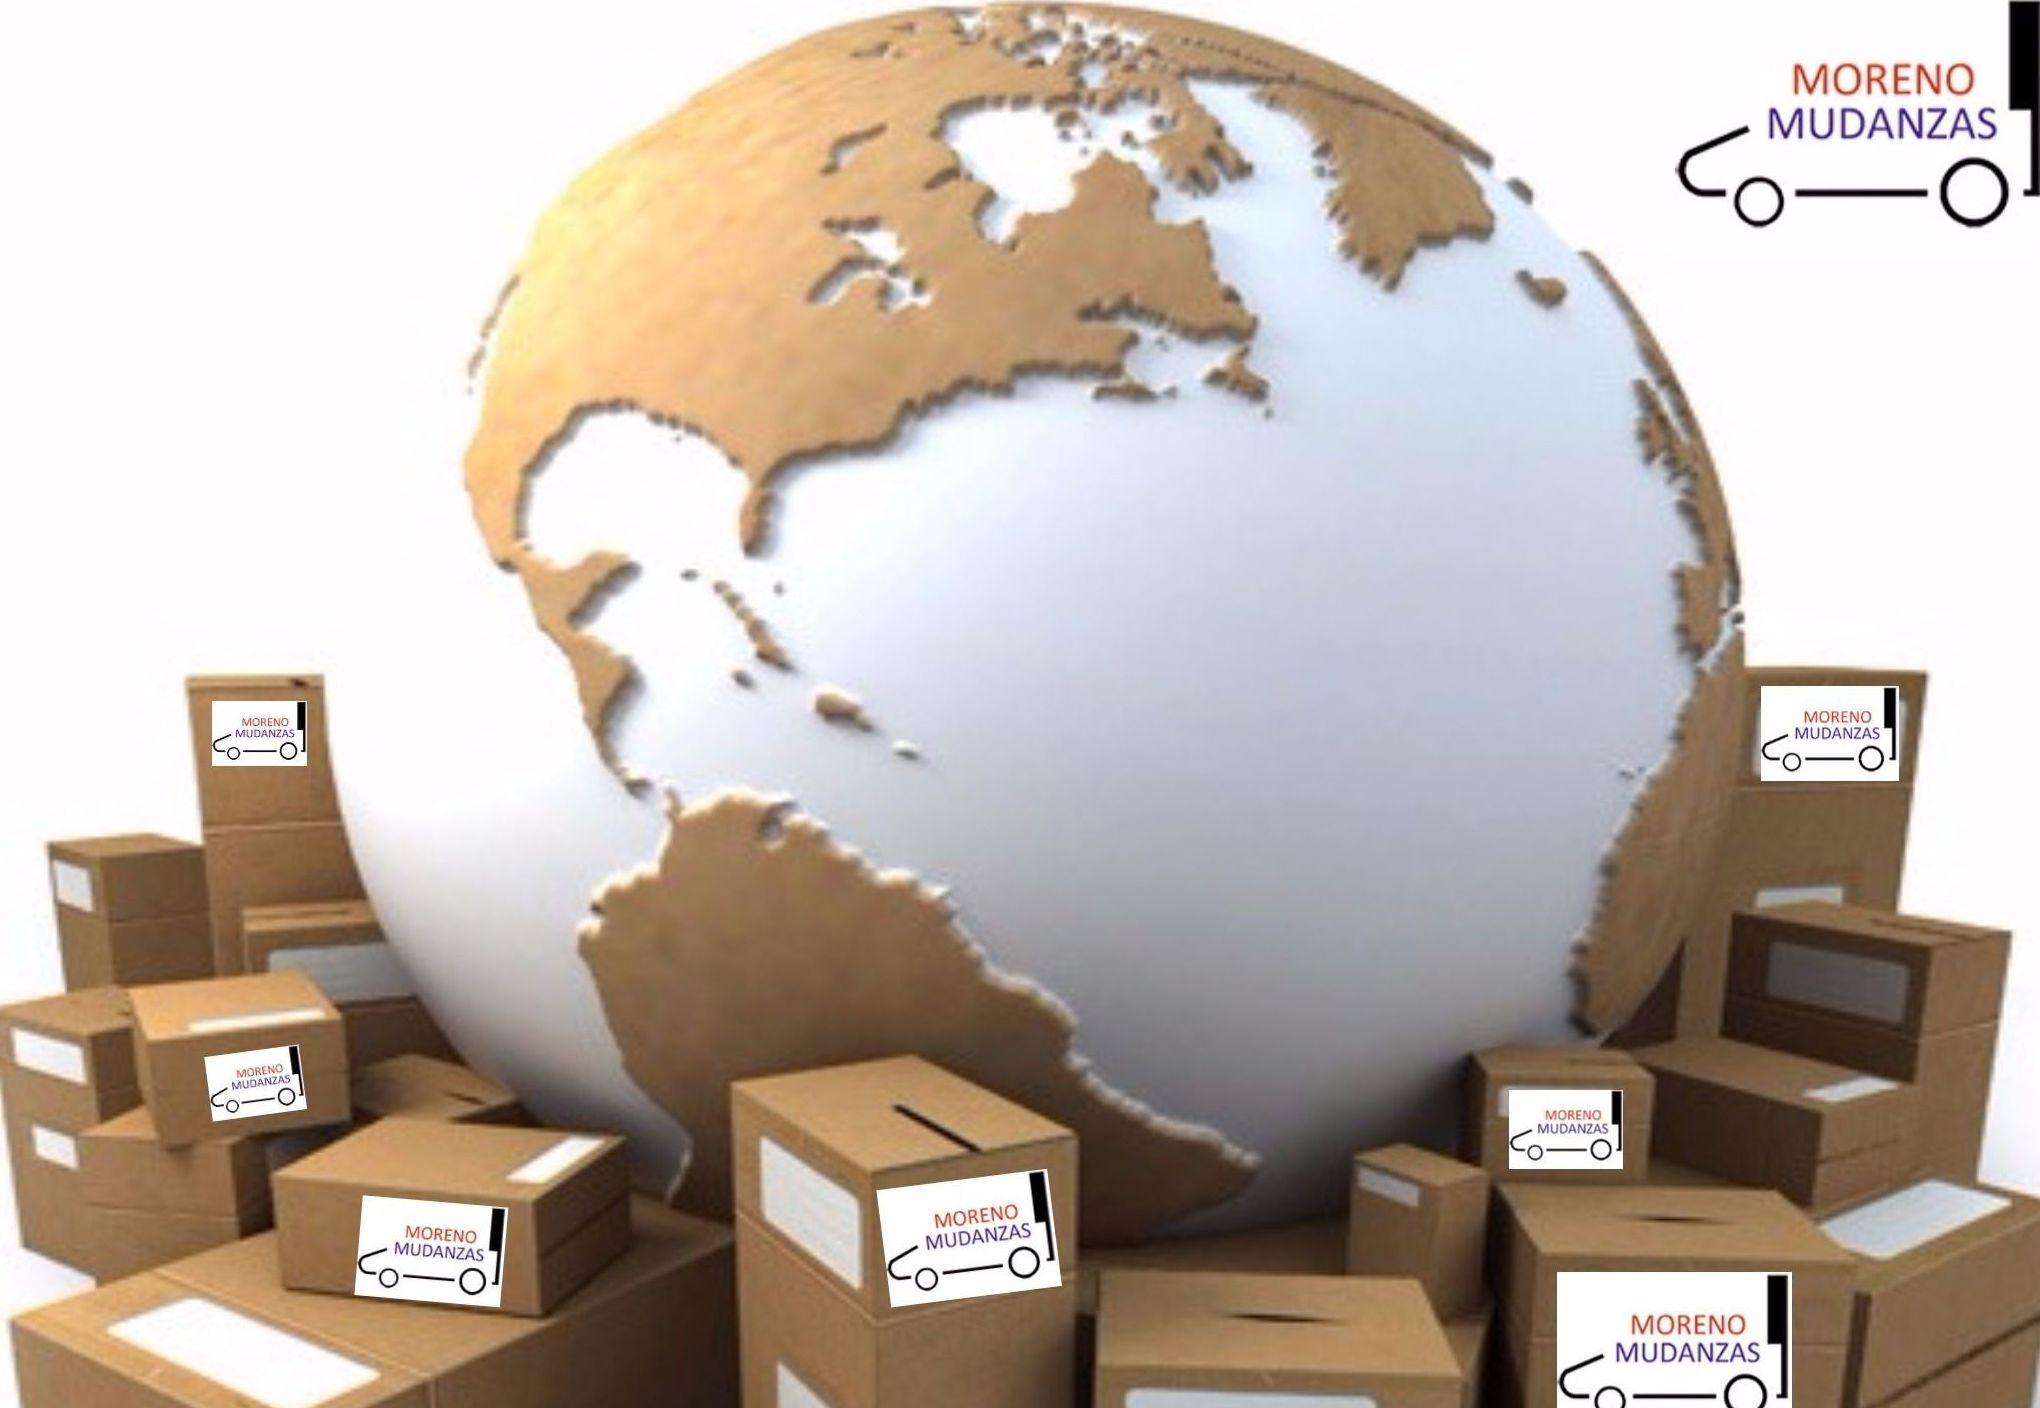 Nuestros servicios : Nuestros servicios de Mudanzas Moreno